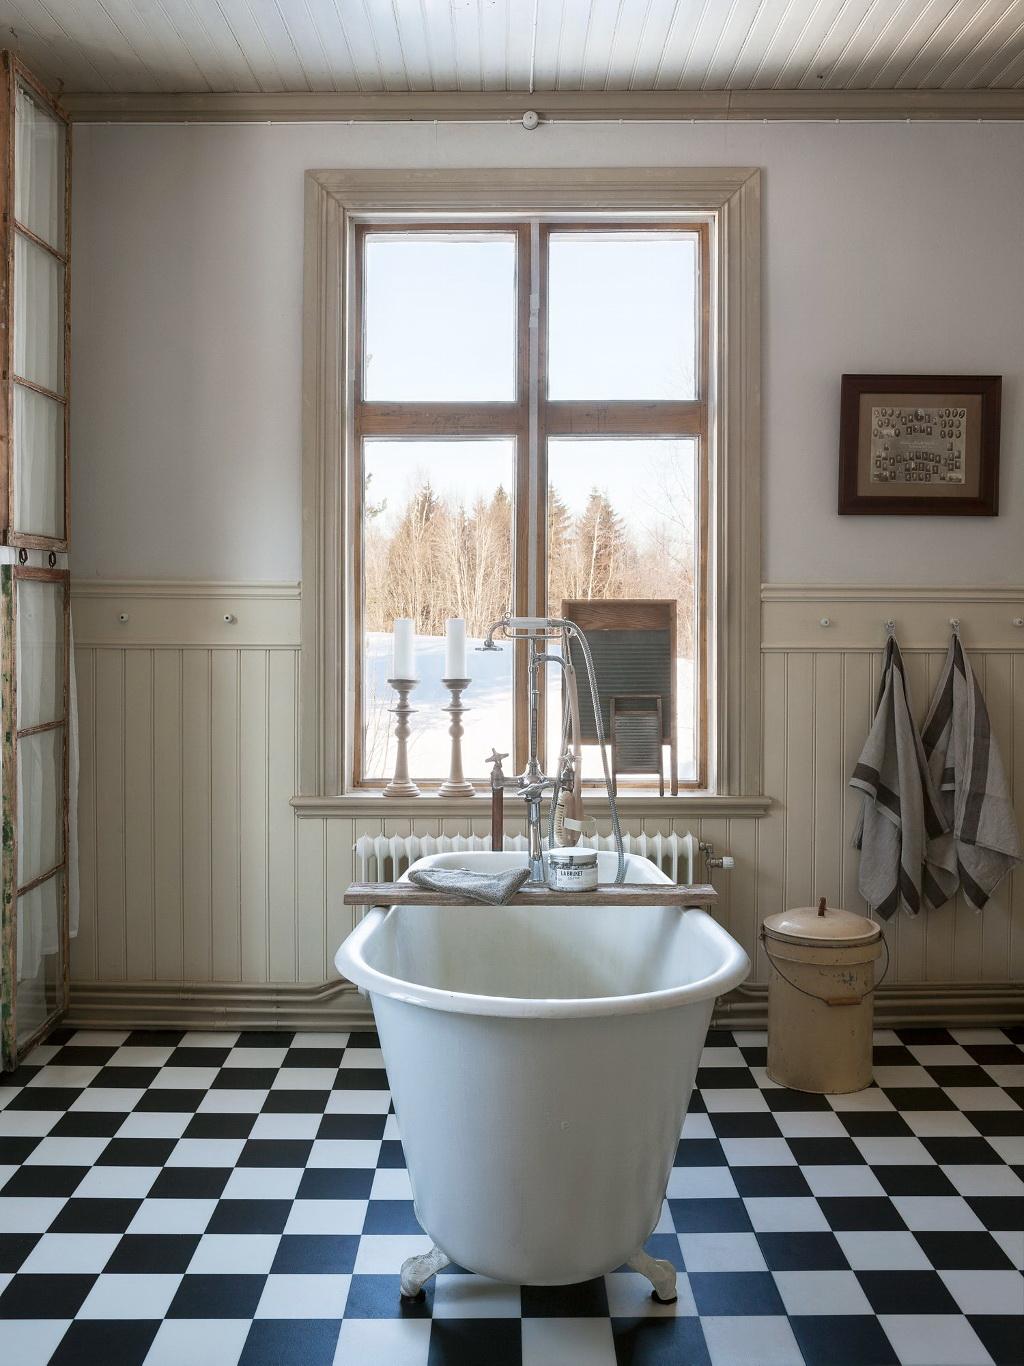 #324964 Детали: винтаж: Nicety 2727 petite salle de bain grand carrelage 1024x1366 px @ aertt.com